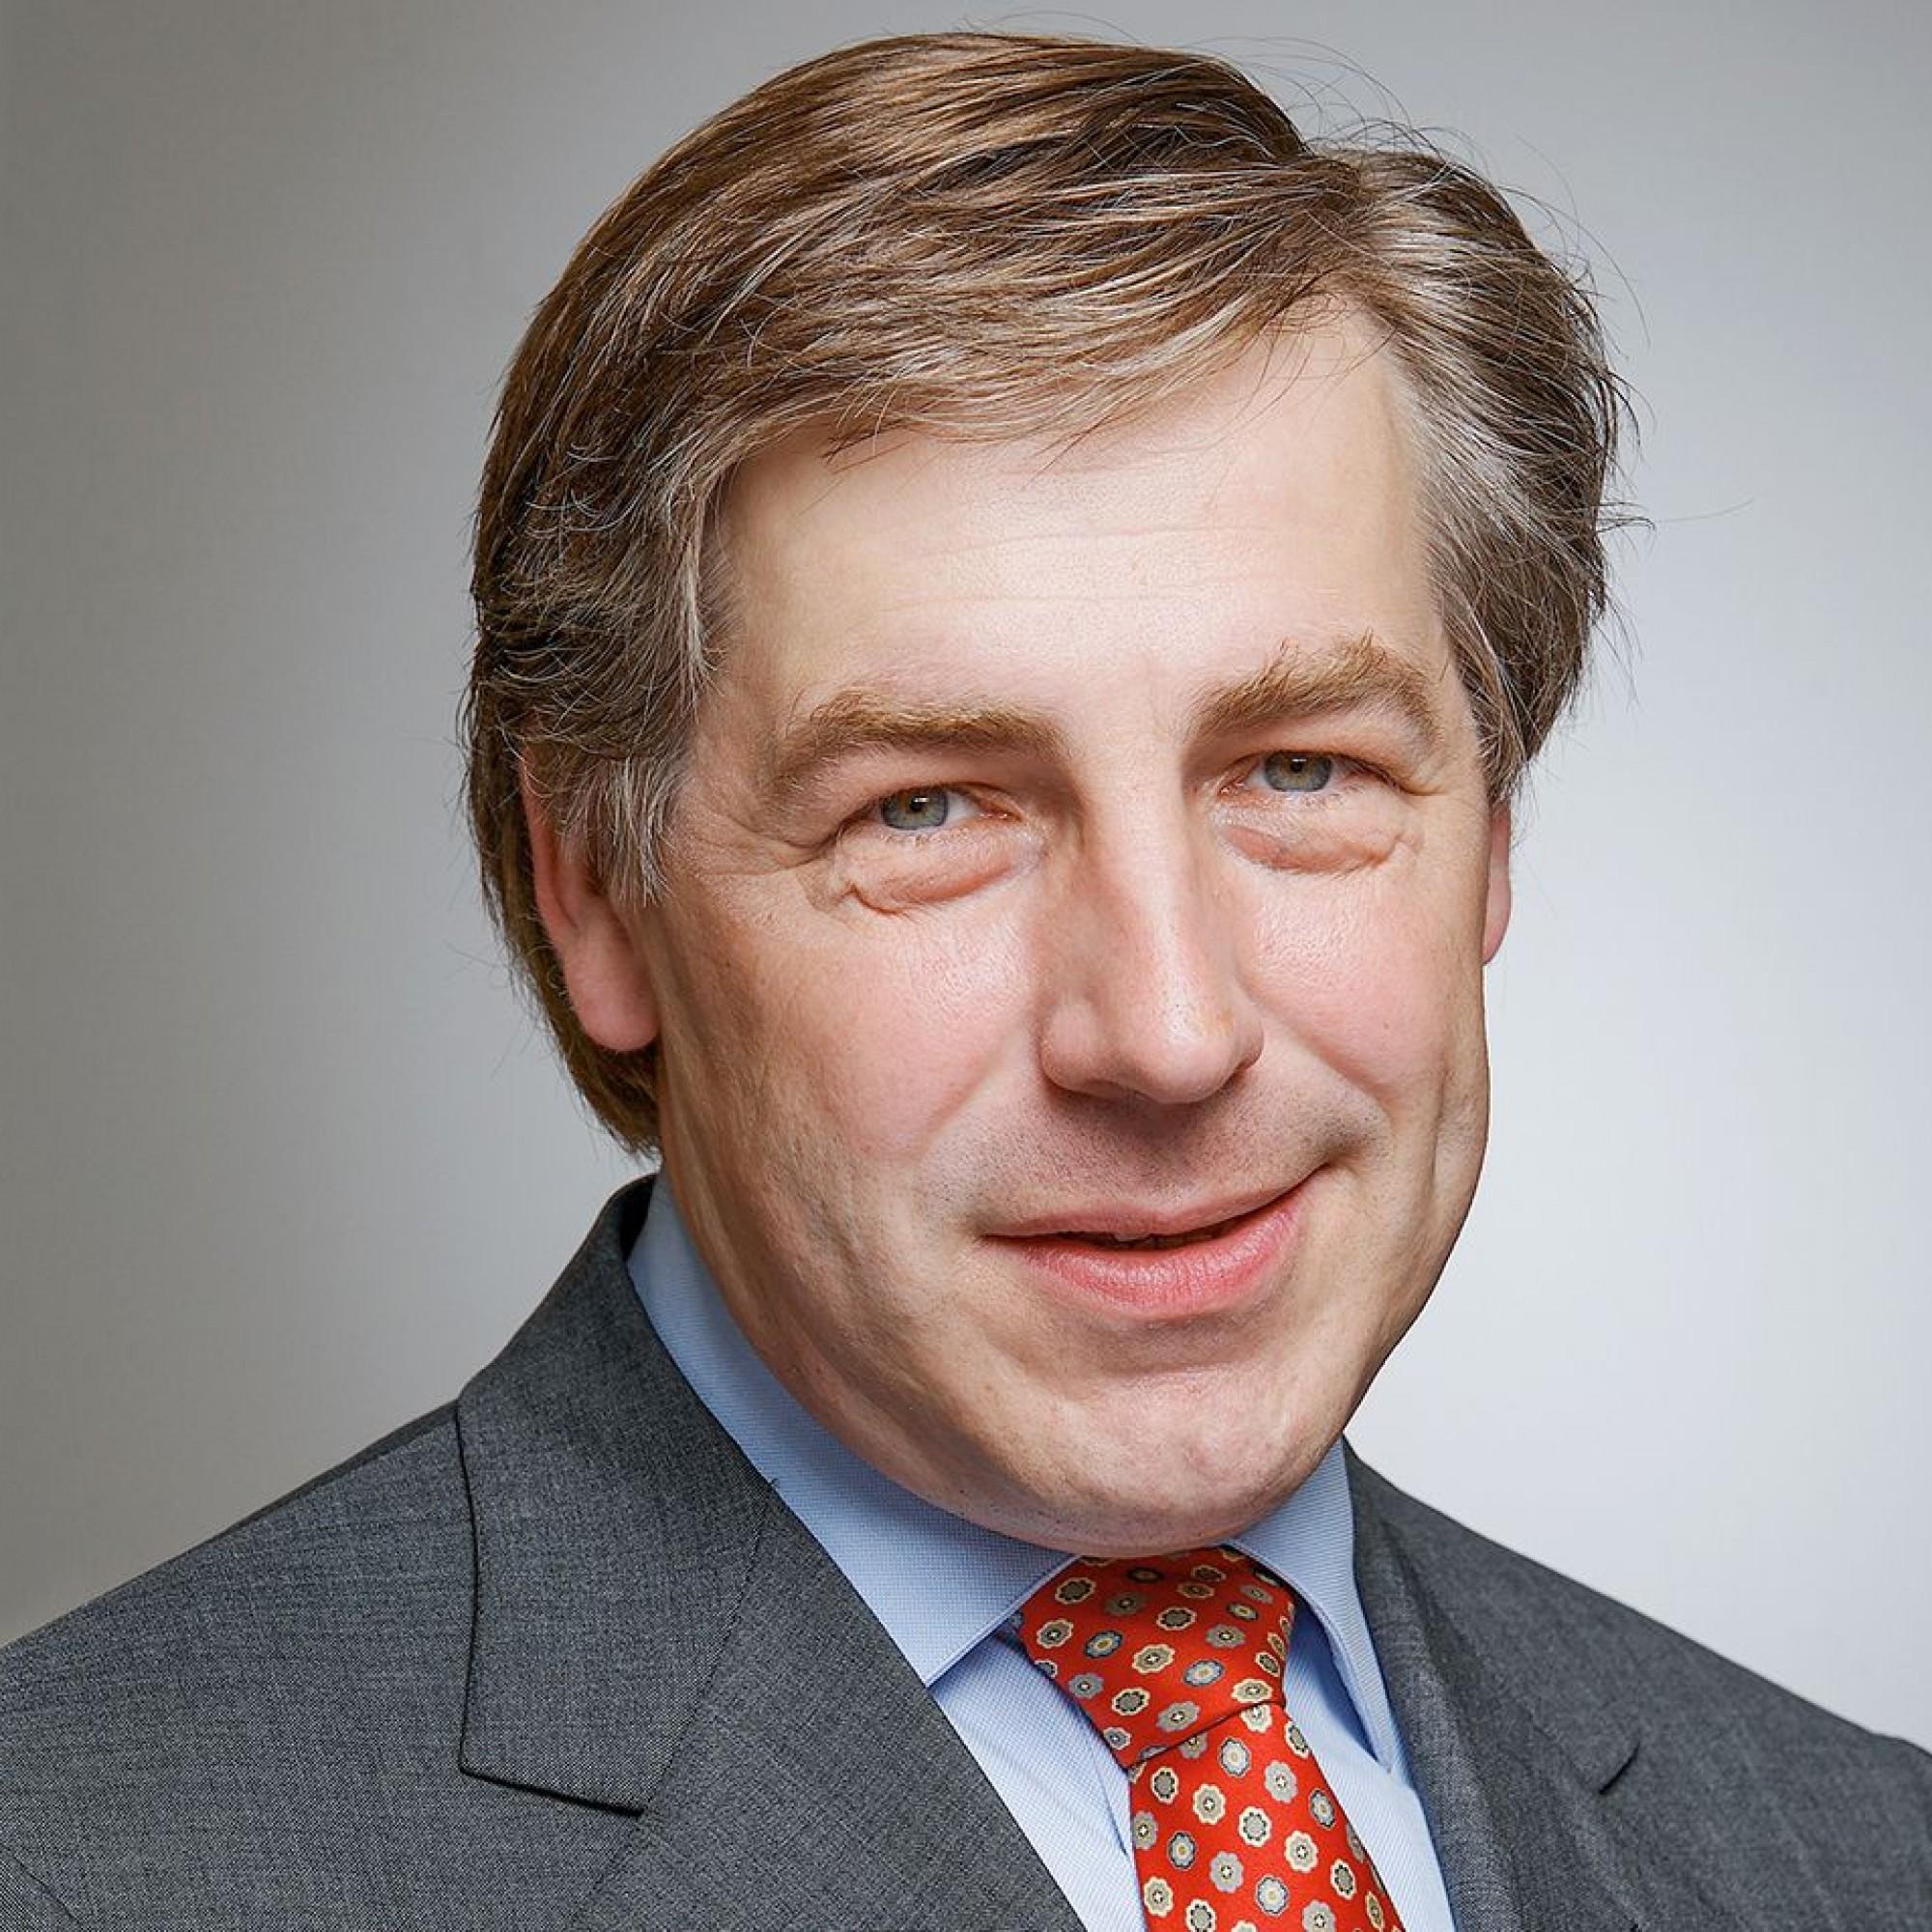 Klaus W. Wellershoff, CEO Wellershoff & Partners